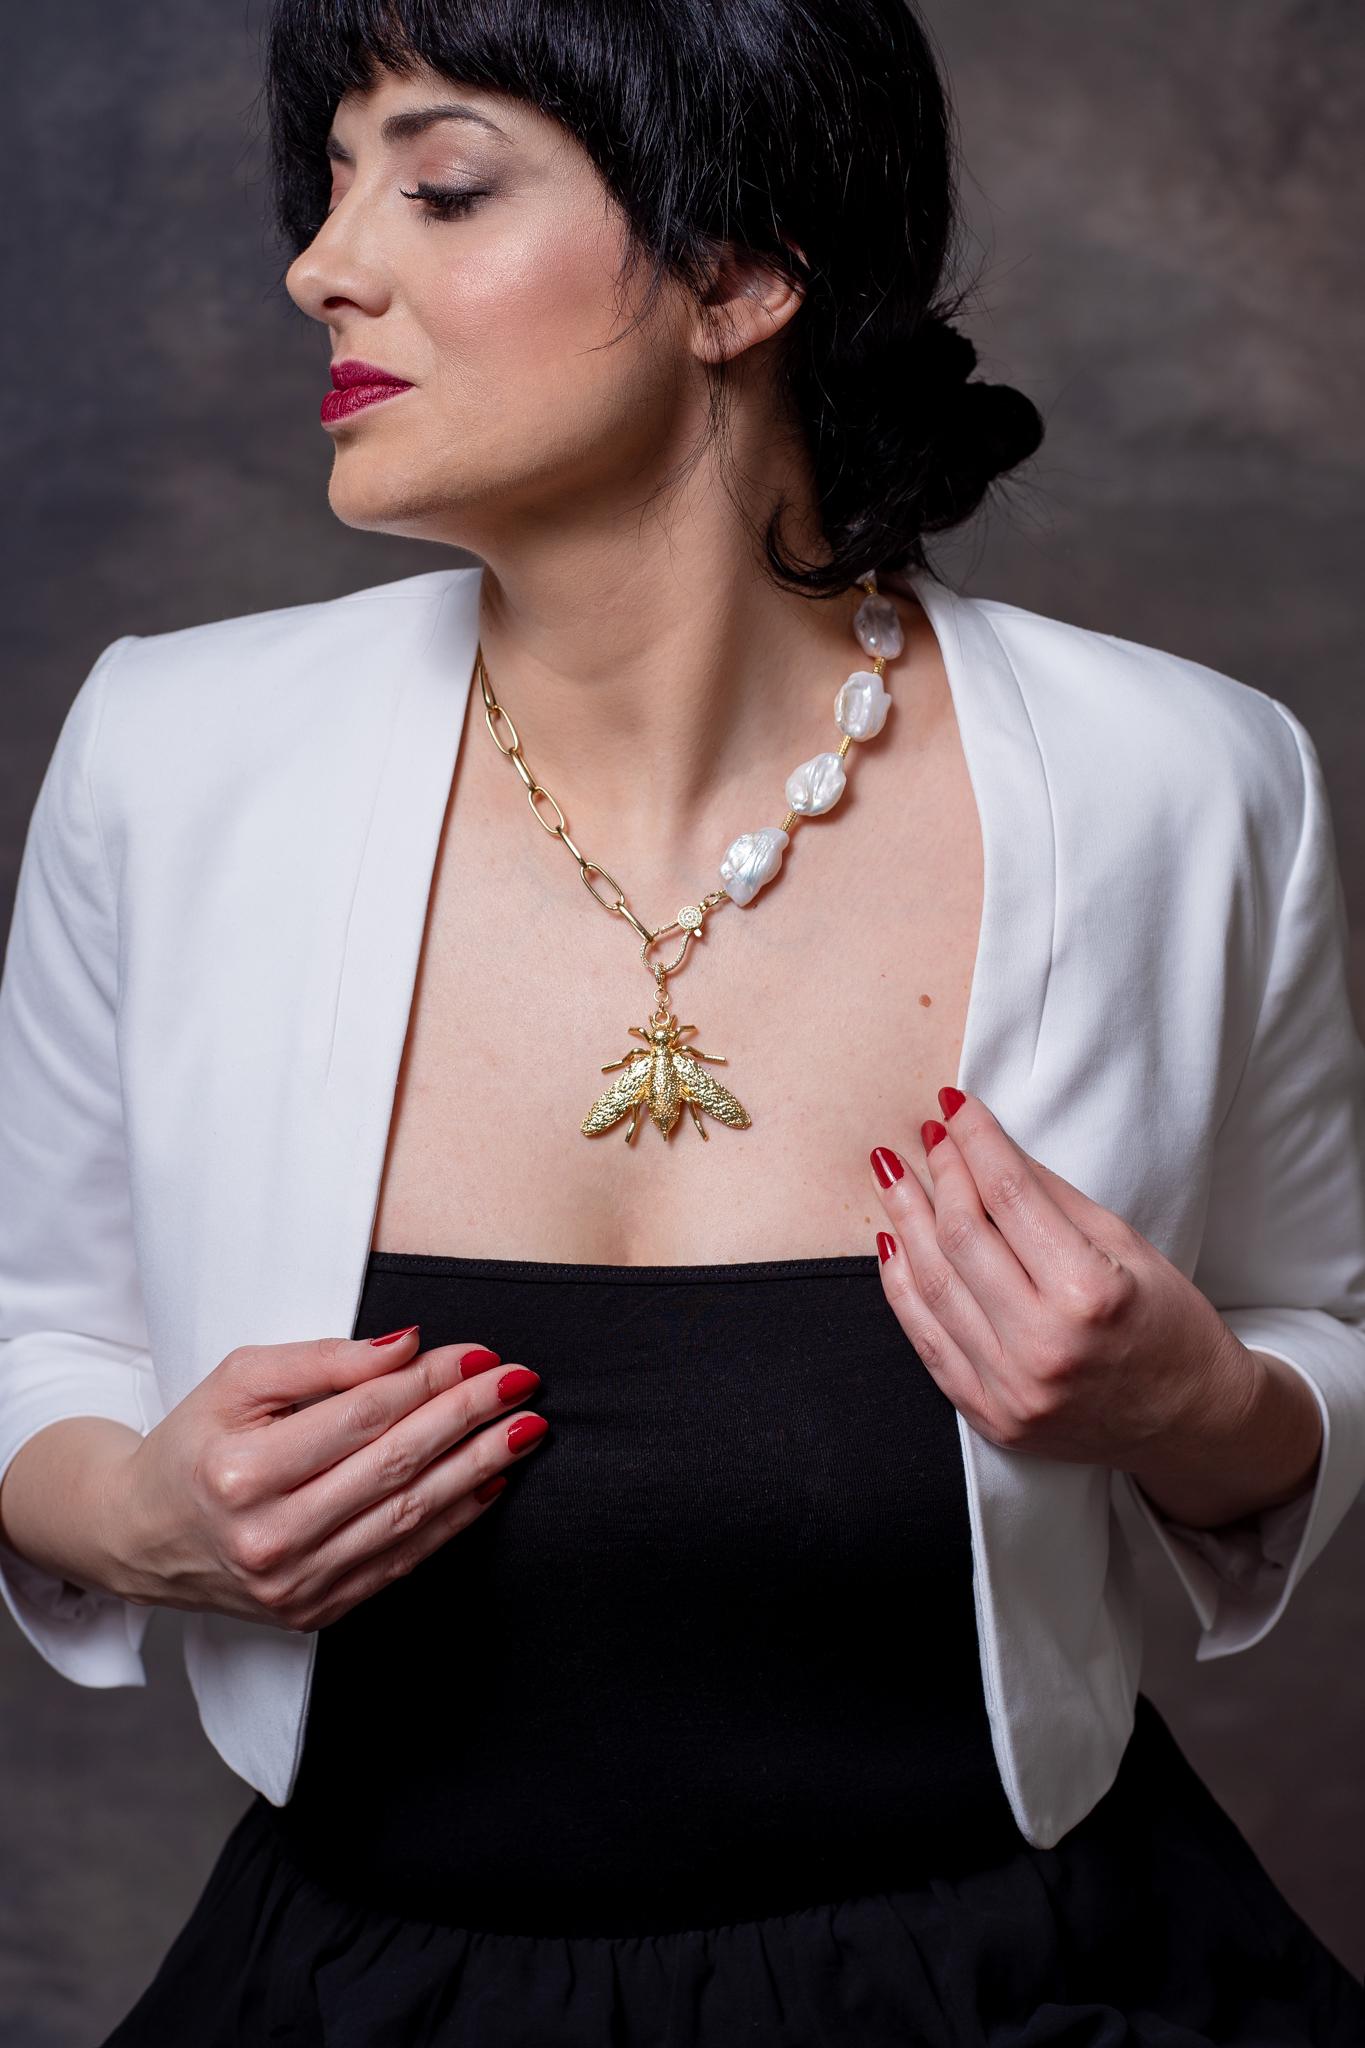 méhecske medálos édesvízi gyöngyös nyaklánc egy női modellen